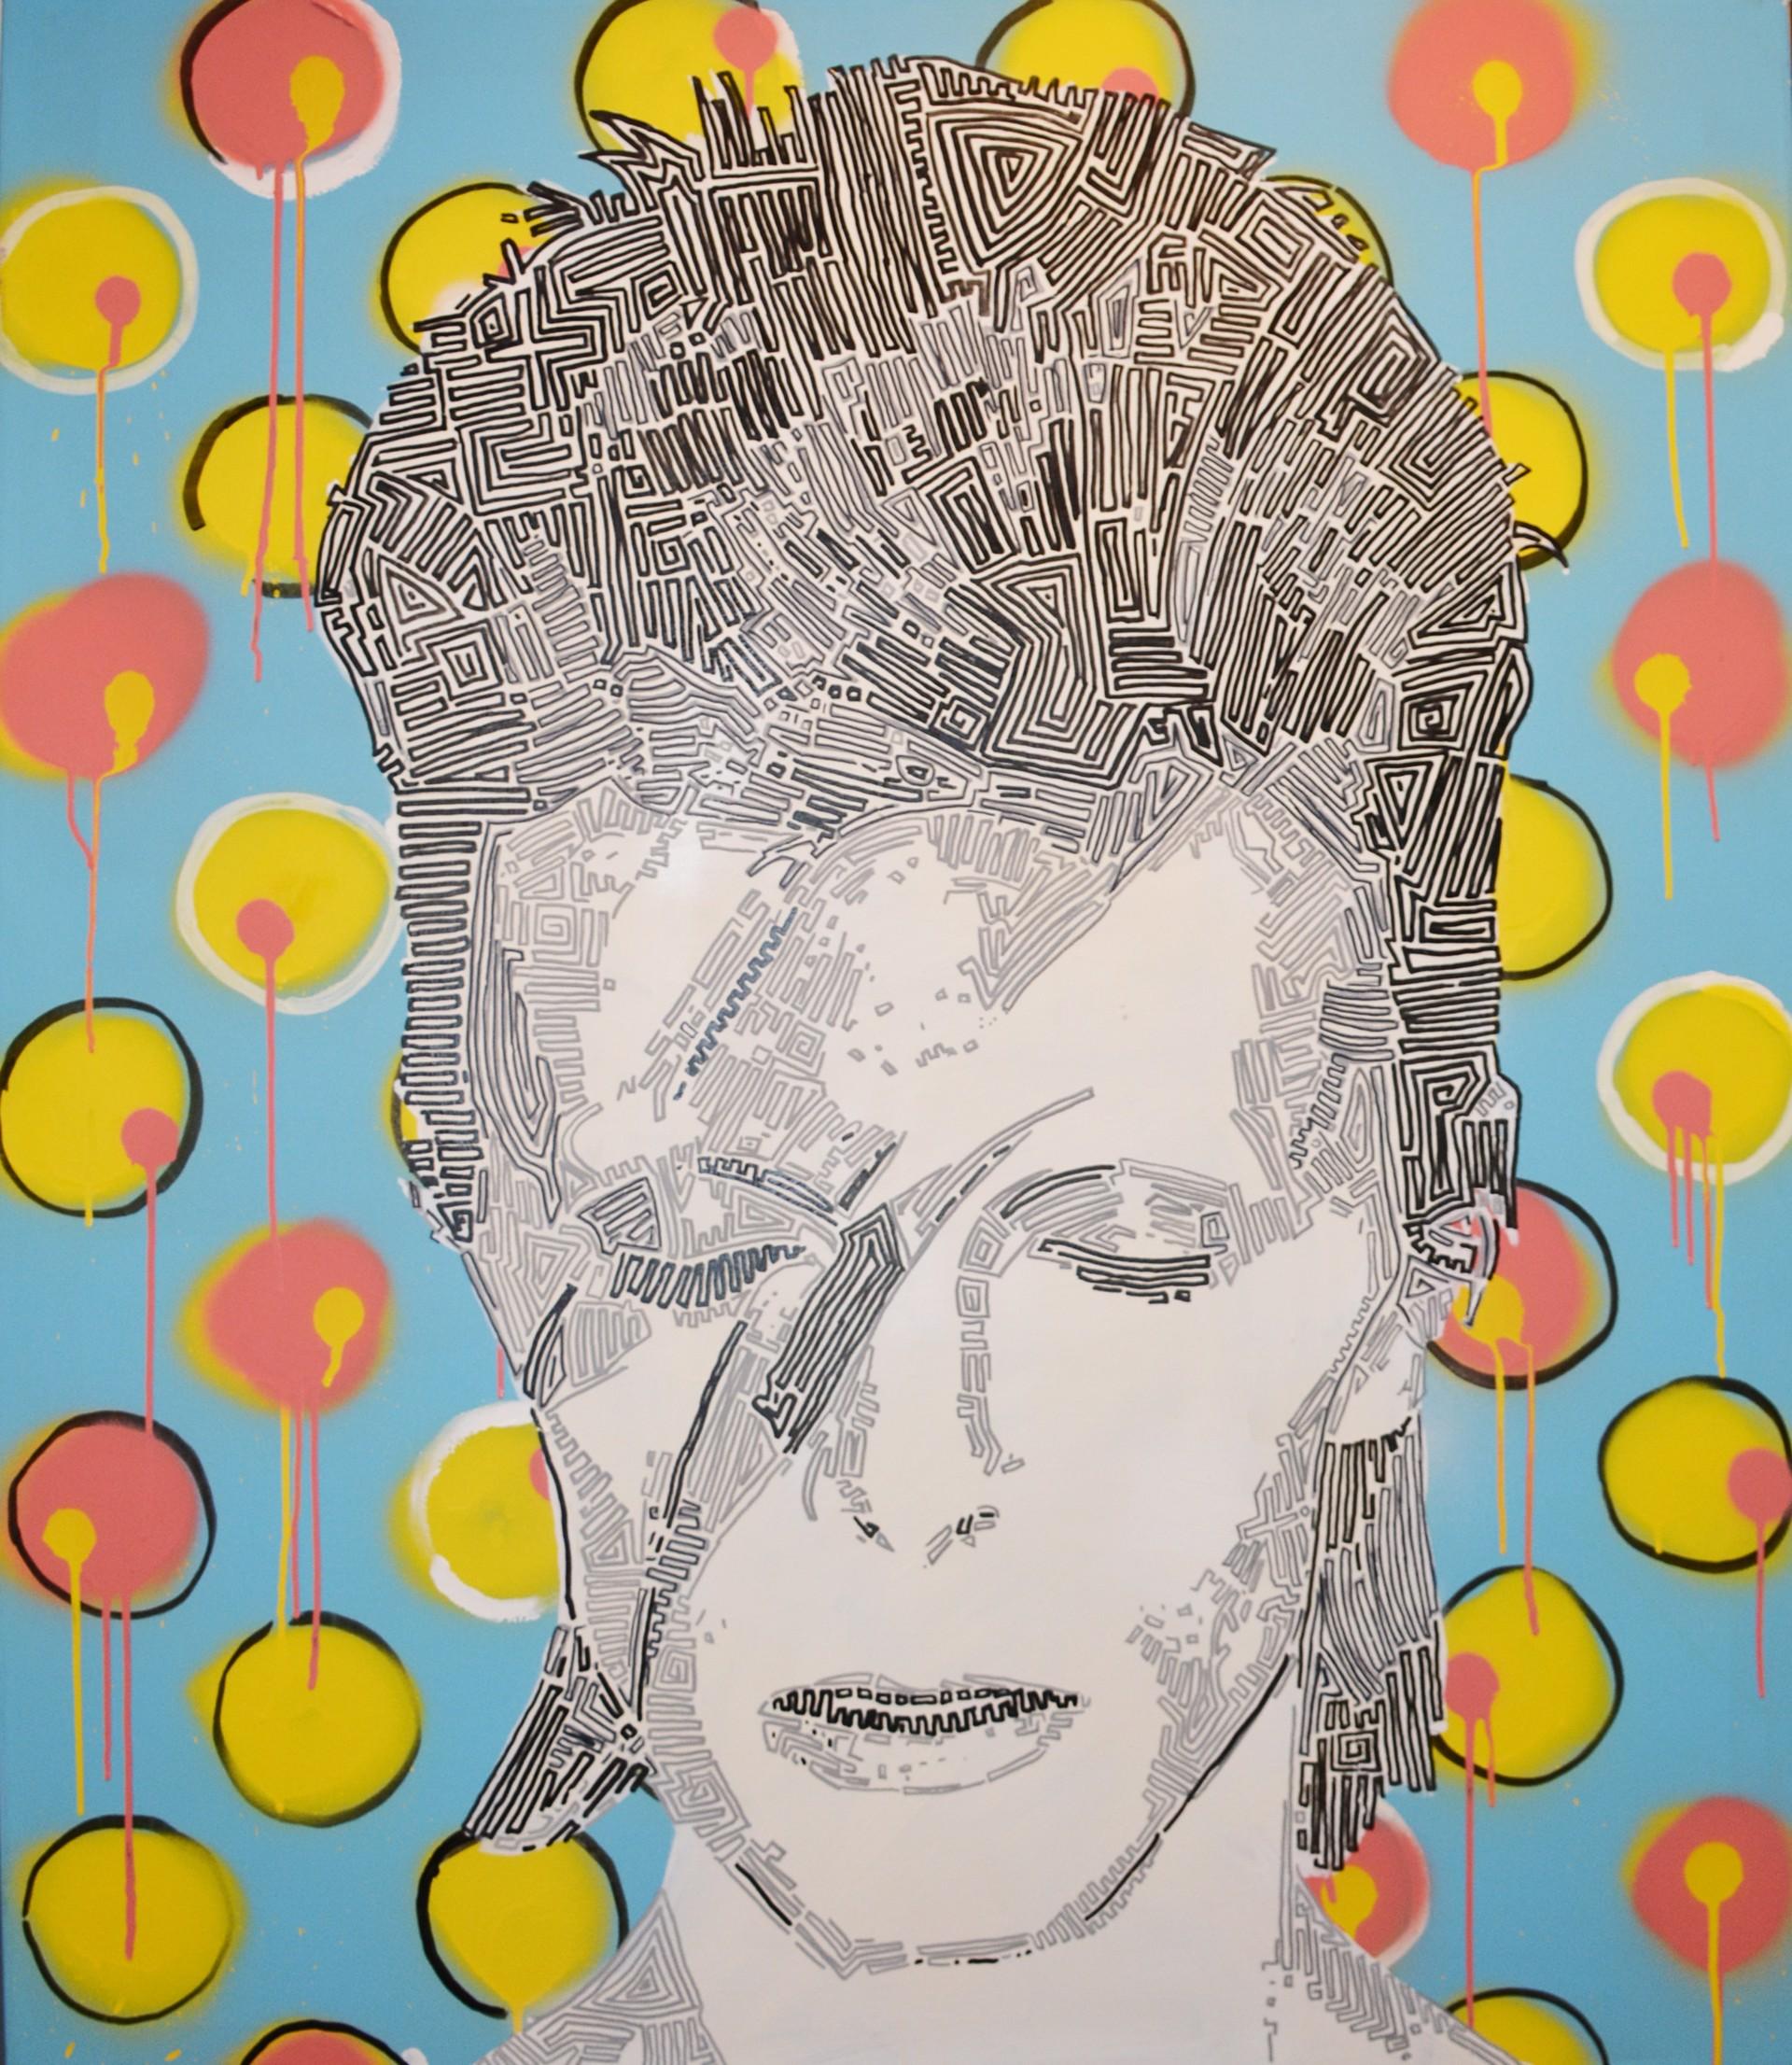 Bowie by Jason Poremba